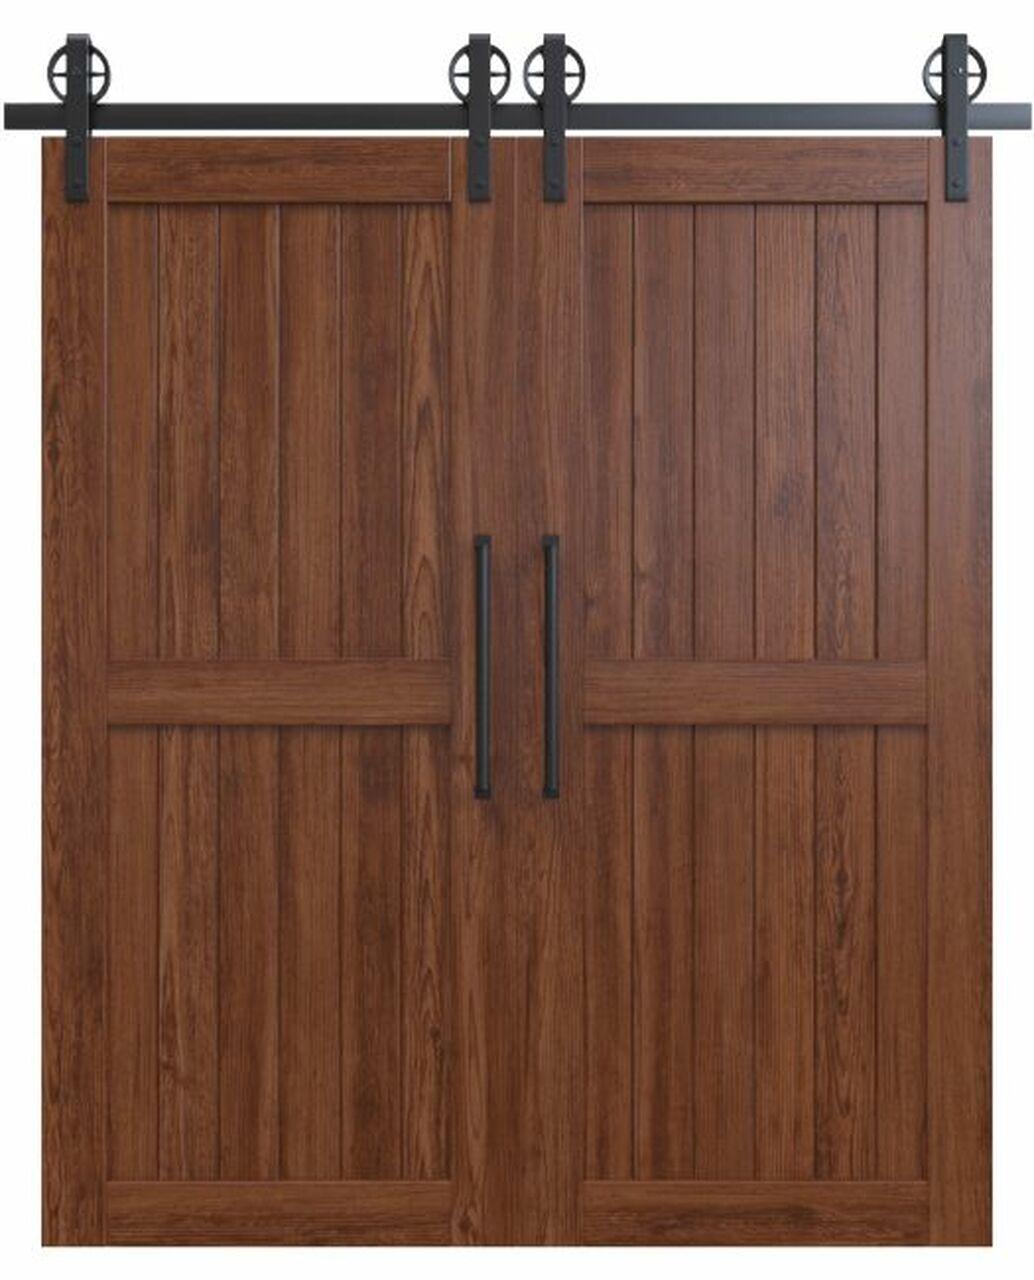 naples dark stained wood 2 panel double barn door